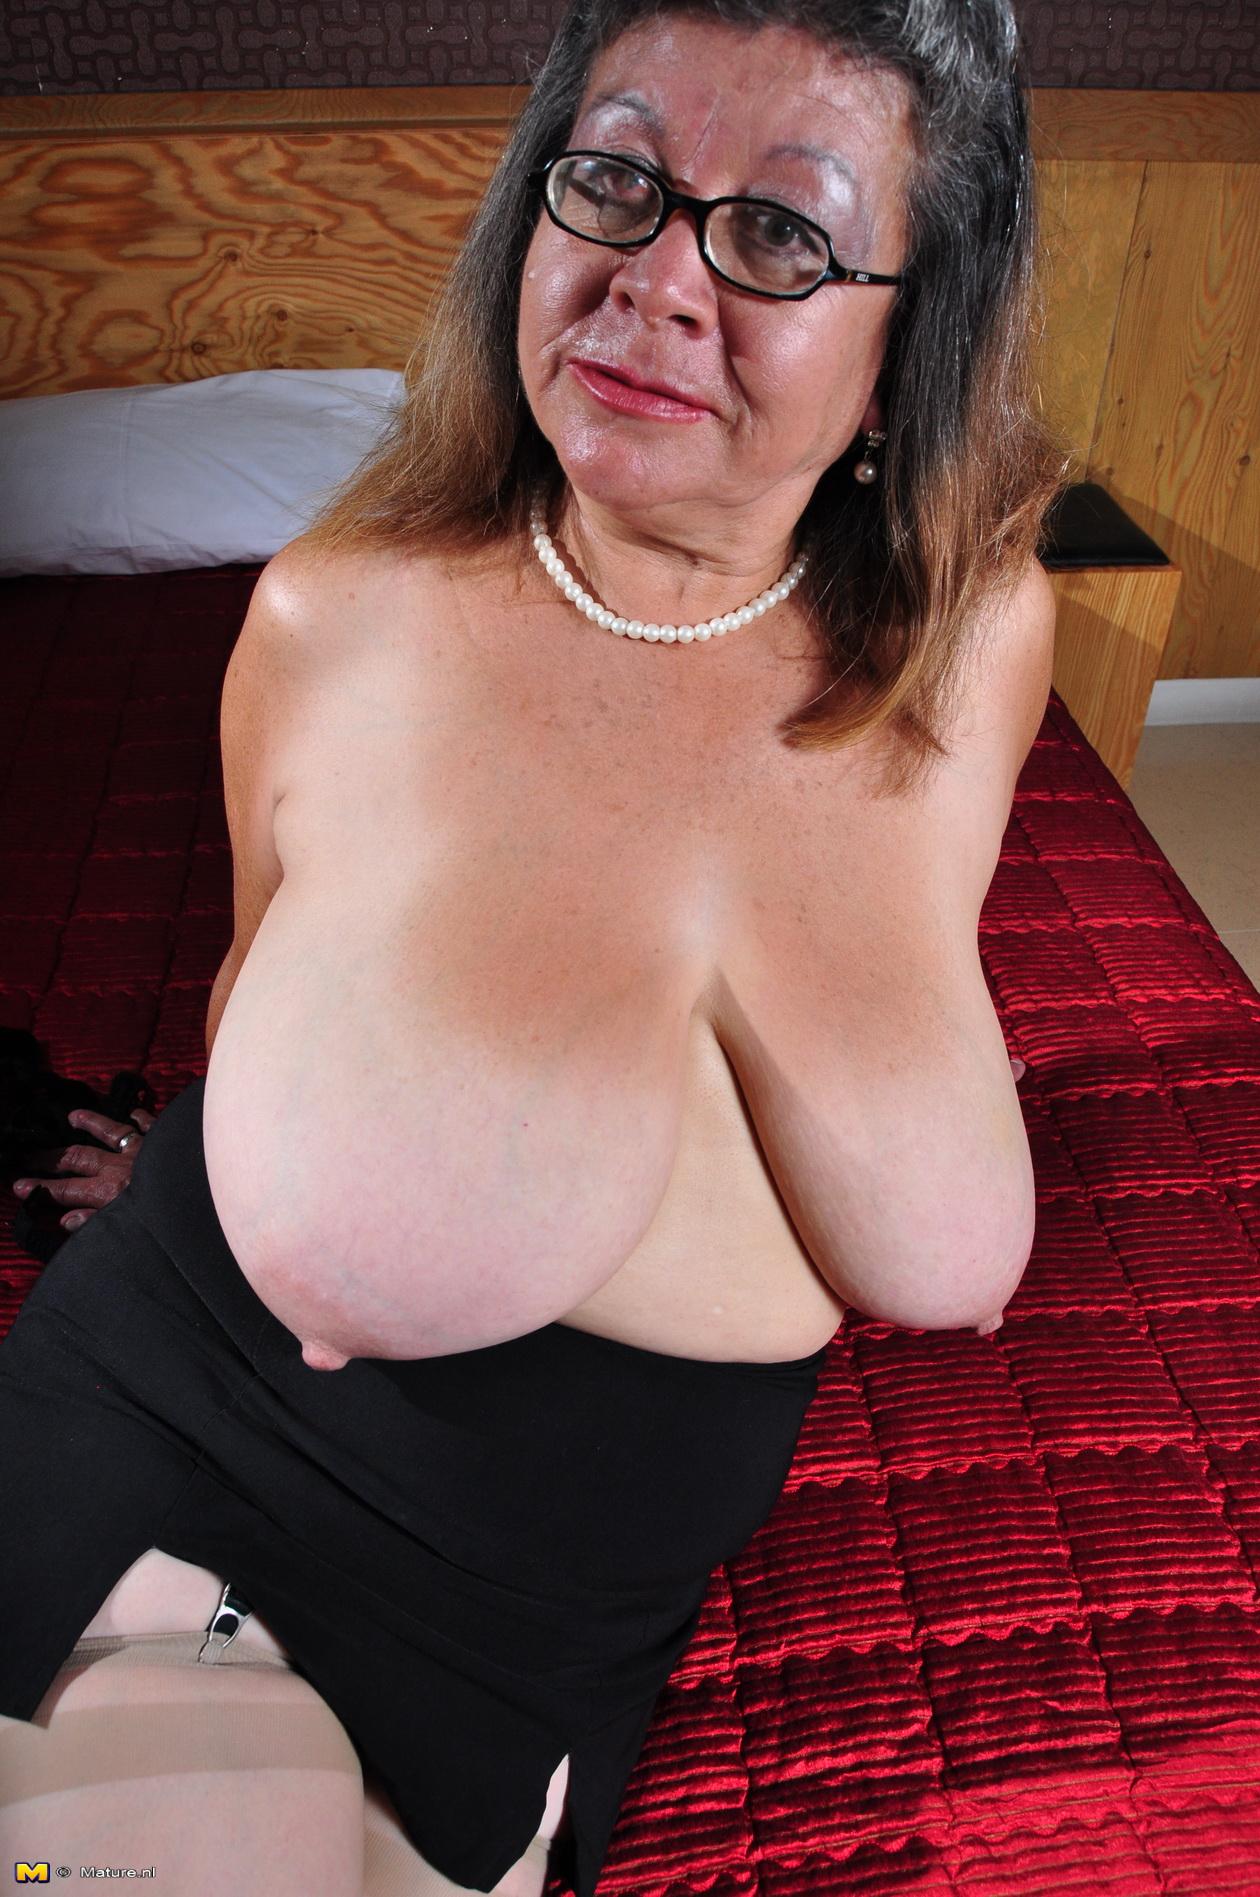 XXX image hot large chested step mom sluts